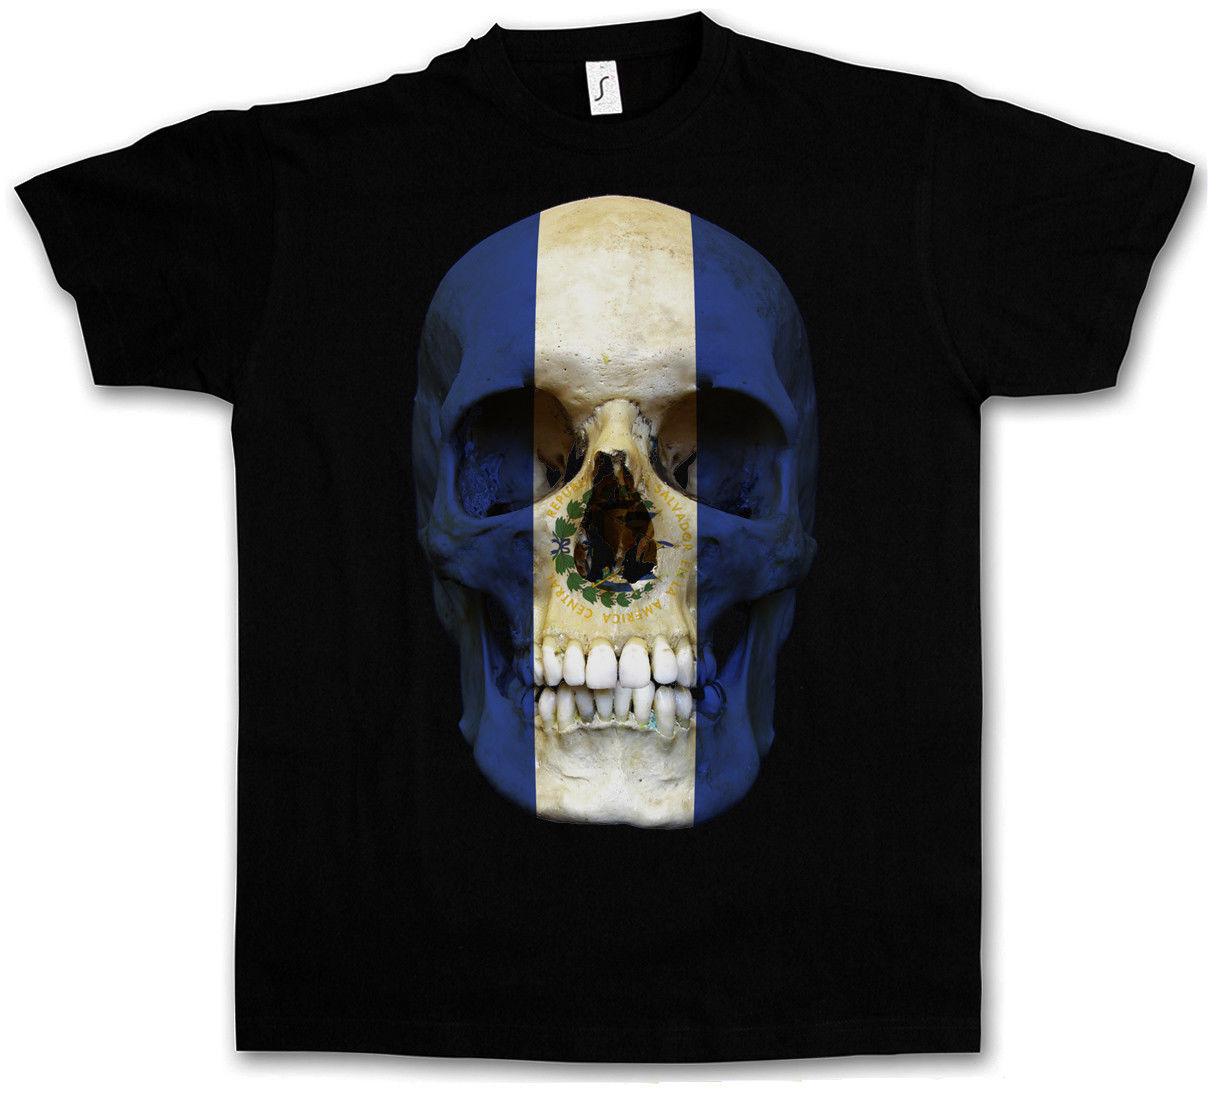 2018 Летний Стиль Классический Сальвадор череп флаг футболка-Байкер MC баннер рубашка Размеры S-3XL Лидер продаж 100% хлопковая футболка